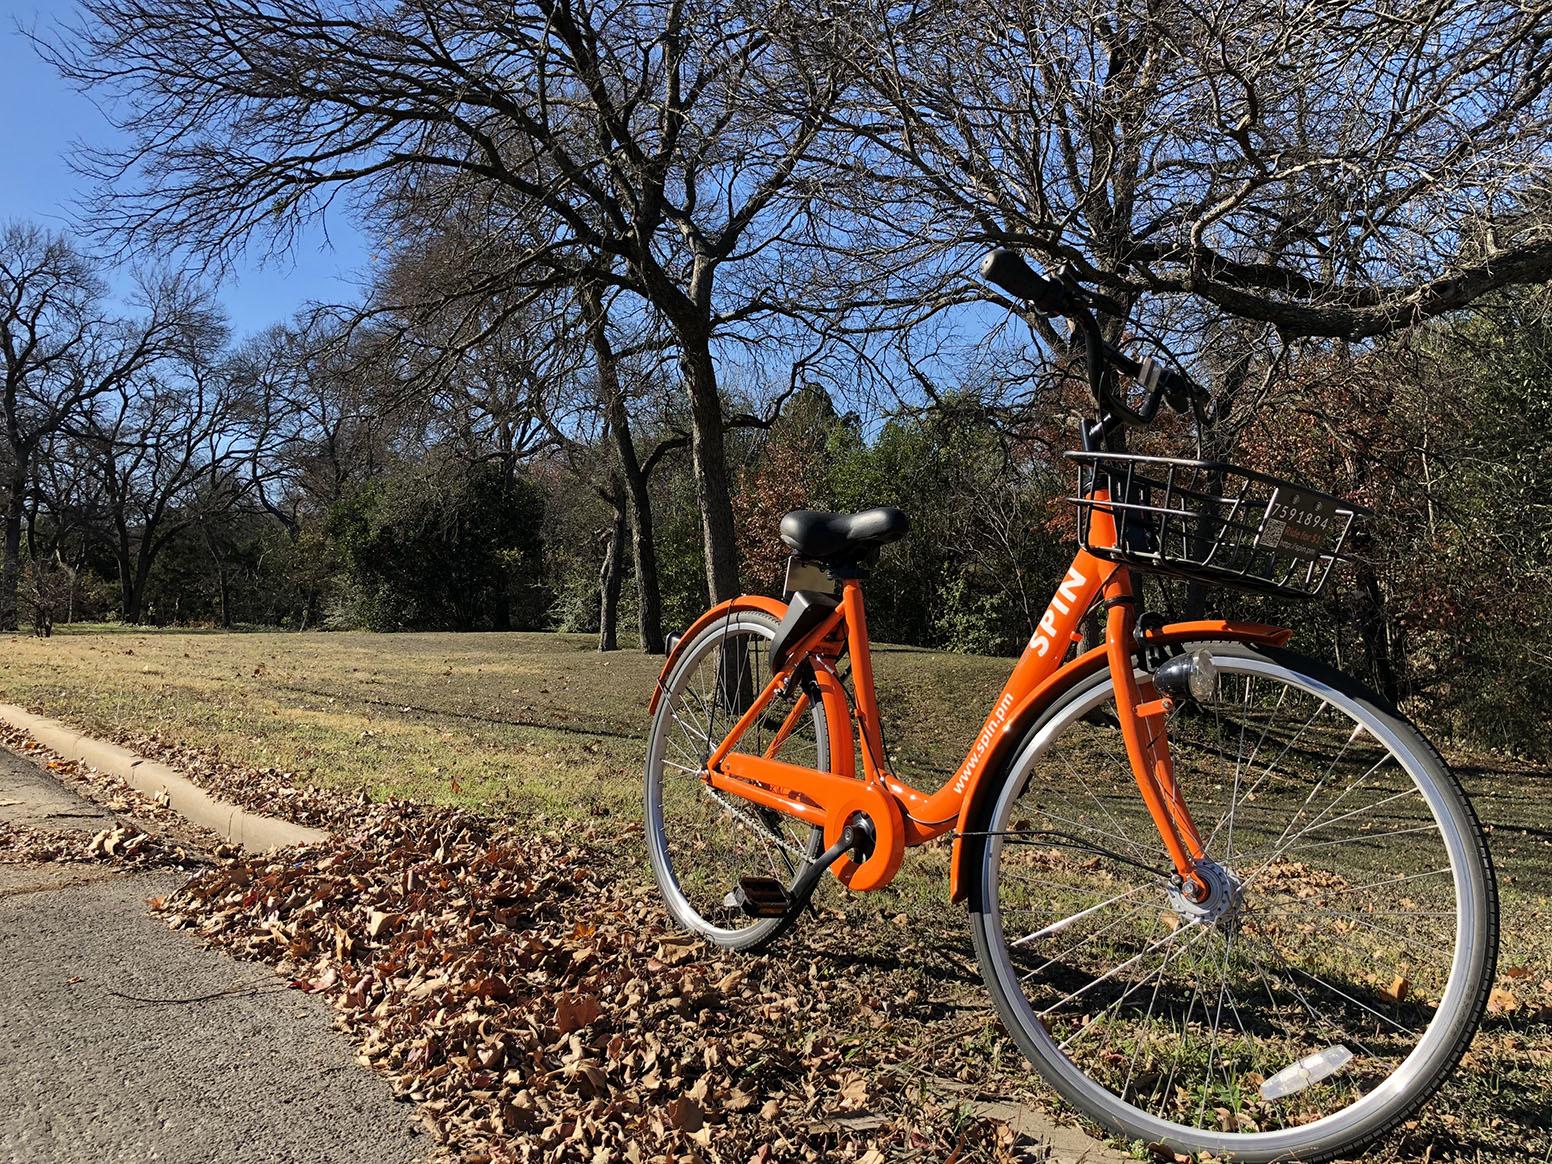 An orange SPIN bike spotted along Elmwood Blvd.